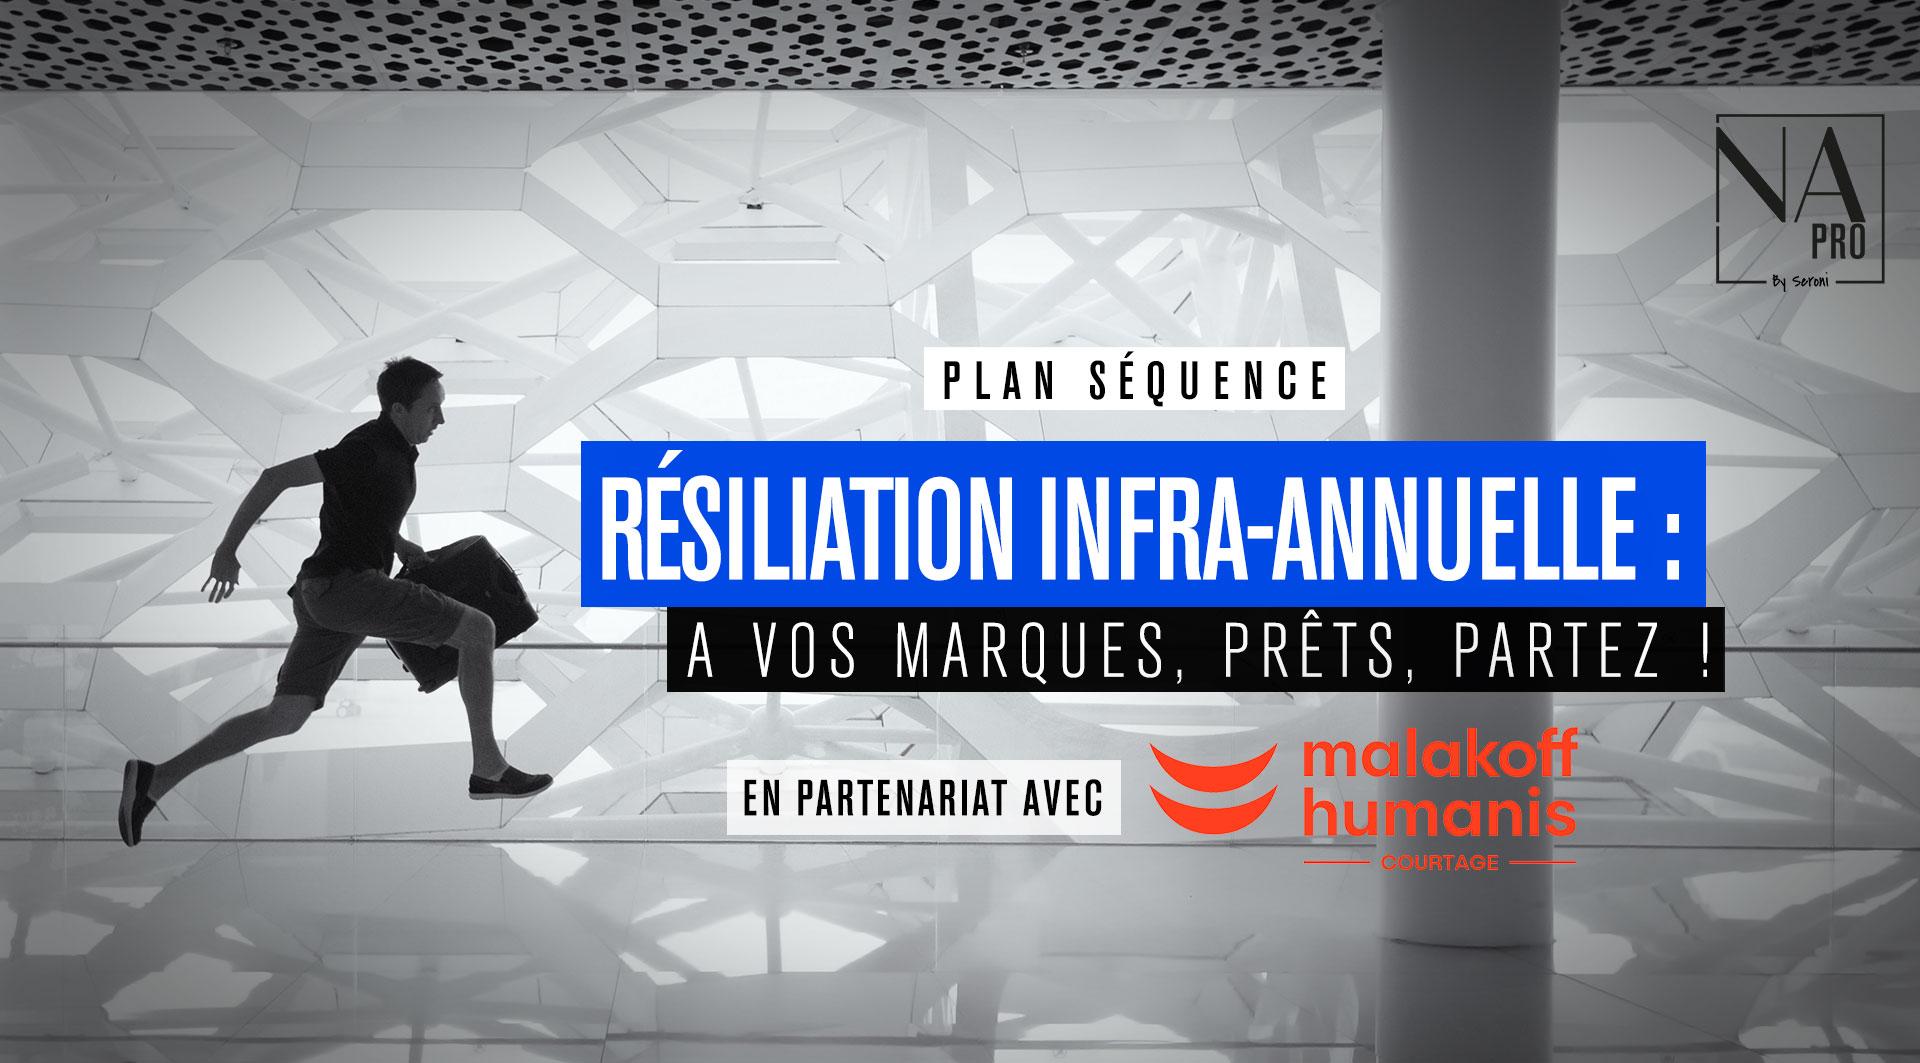 Résiliation infra-annuelle : A vos marques, prêts, partez !